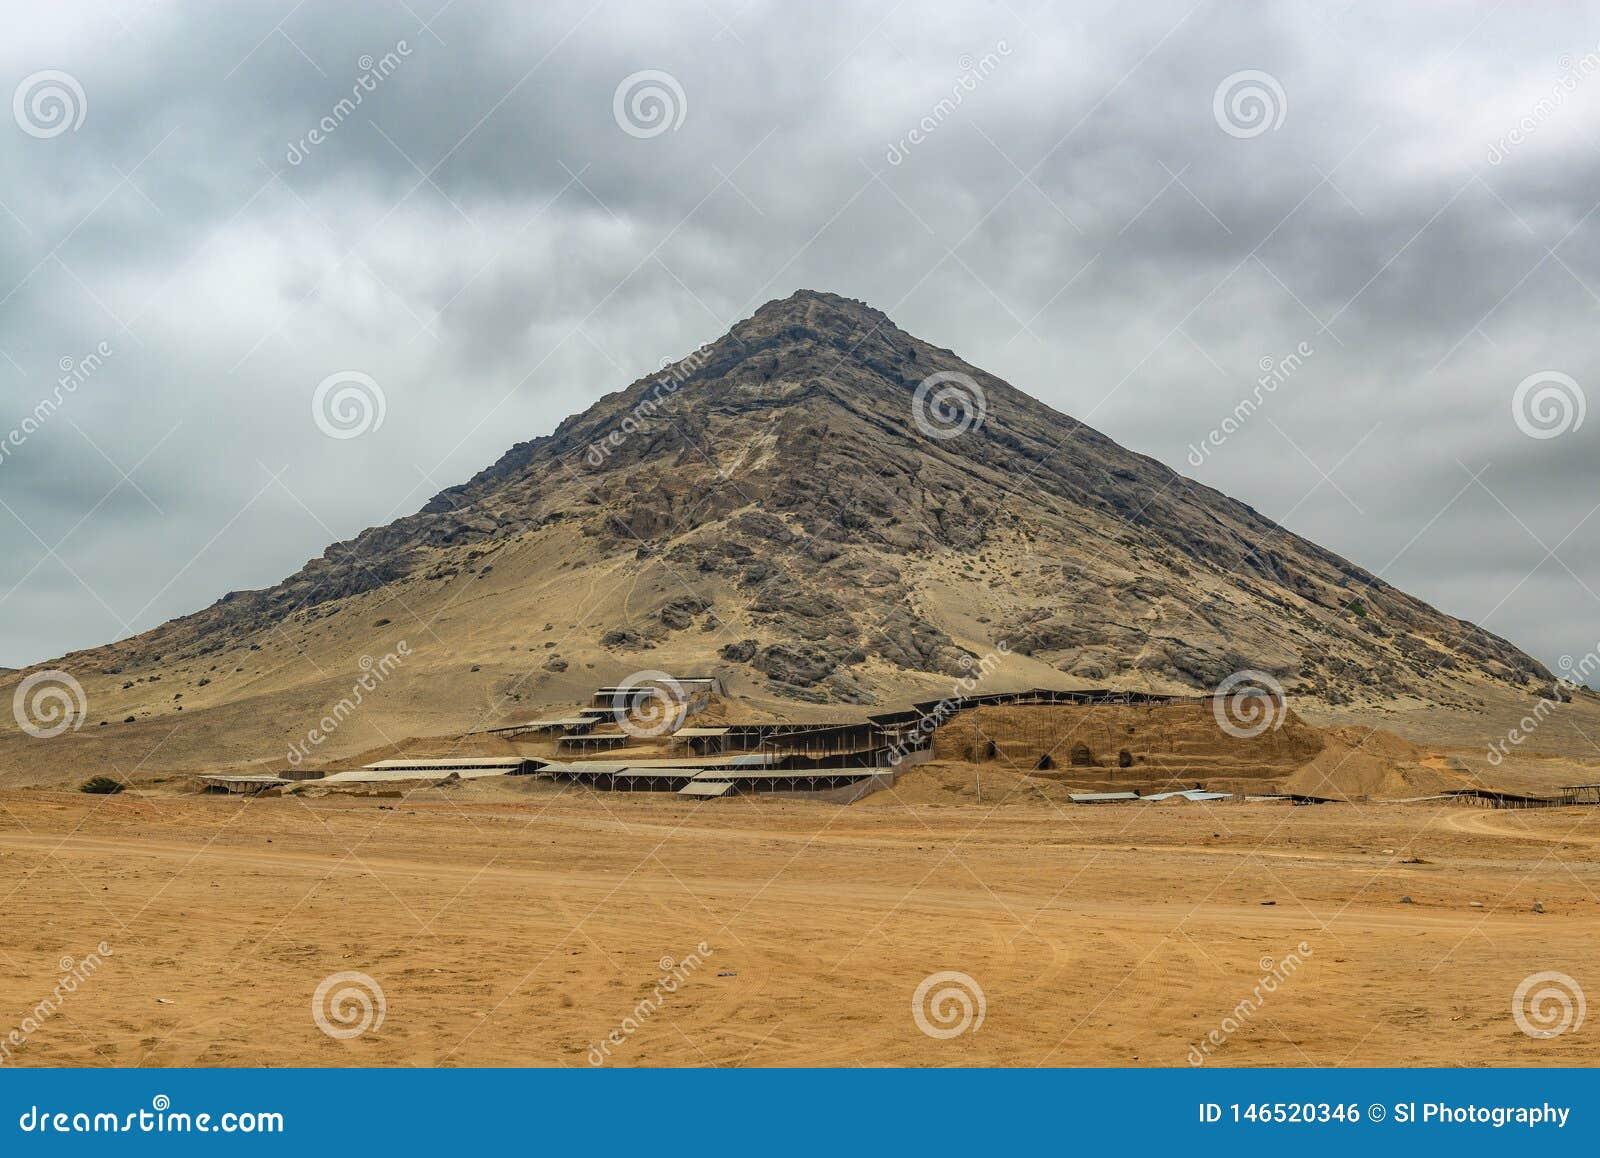 Moon Pyramid of the Moche Civilization, Peru